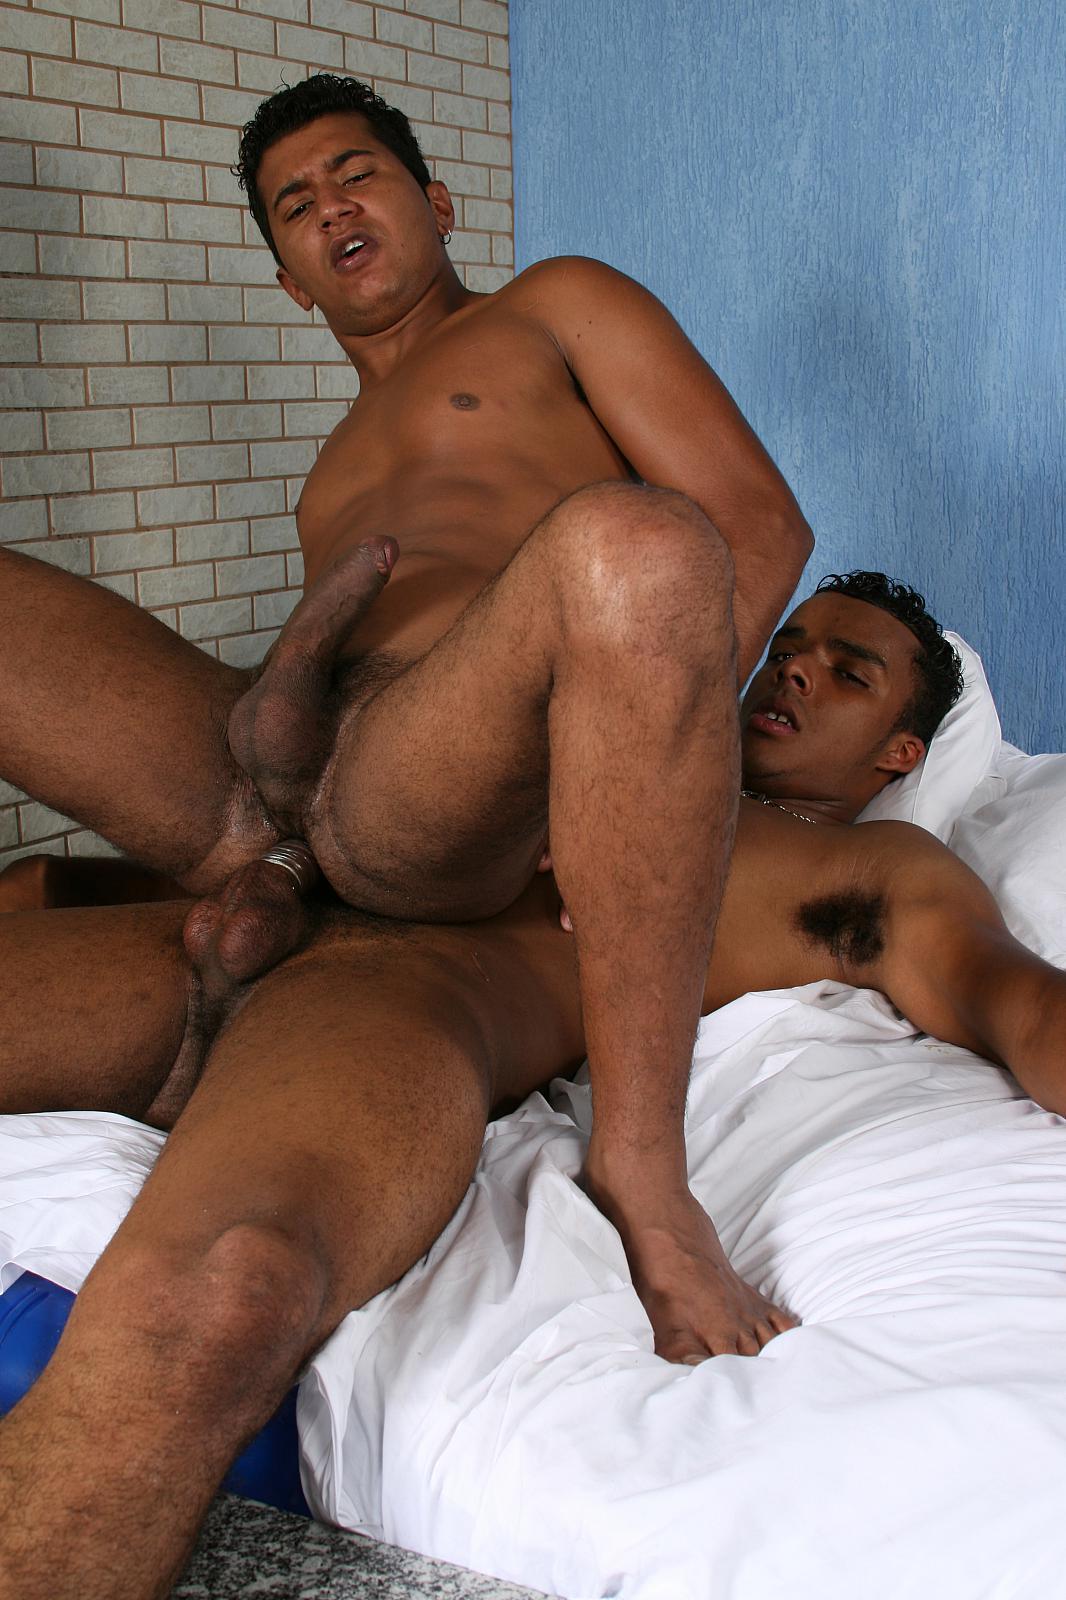 http://1.bp.blogspot.com/-lQsK__KzoM8/UVT6NjN8kXI/AAAAAAAADxI/gDy8QB9FSTs/s640/15.jpg